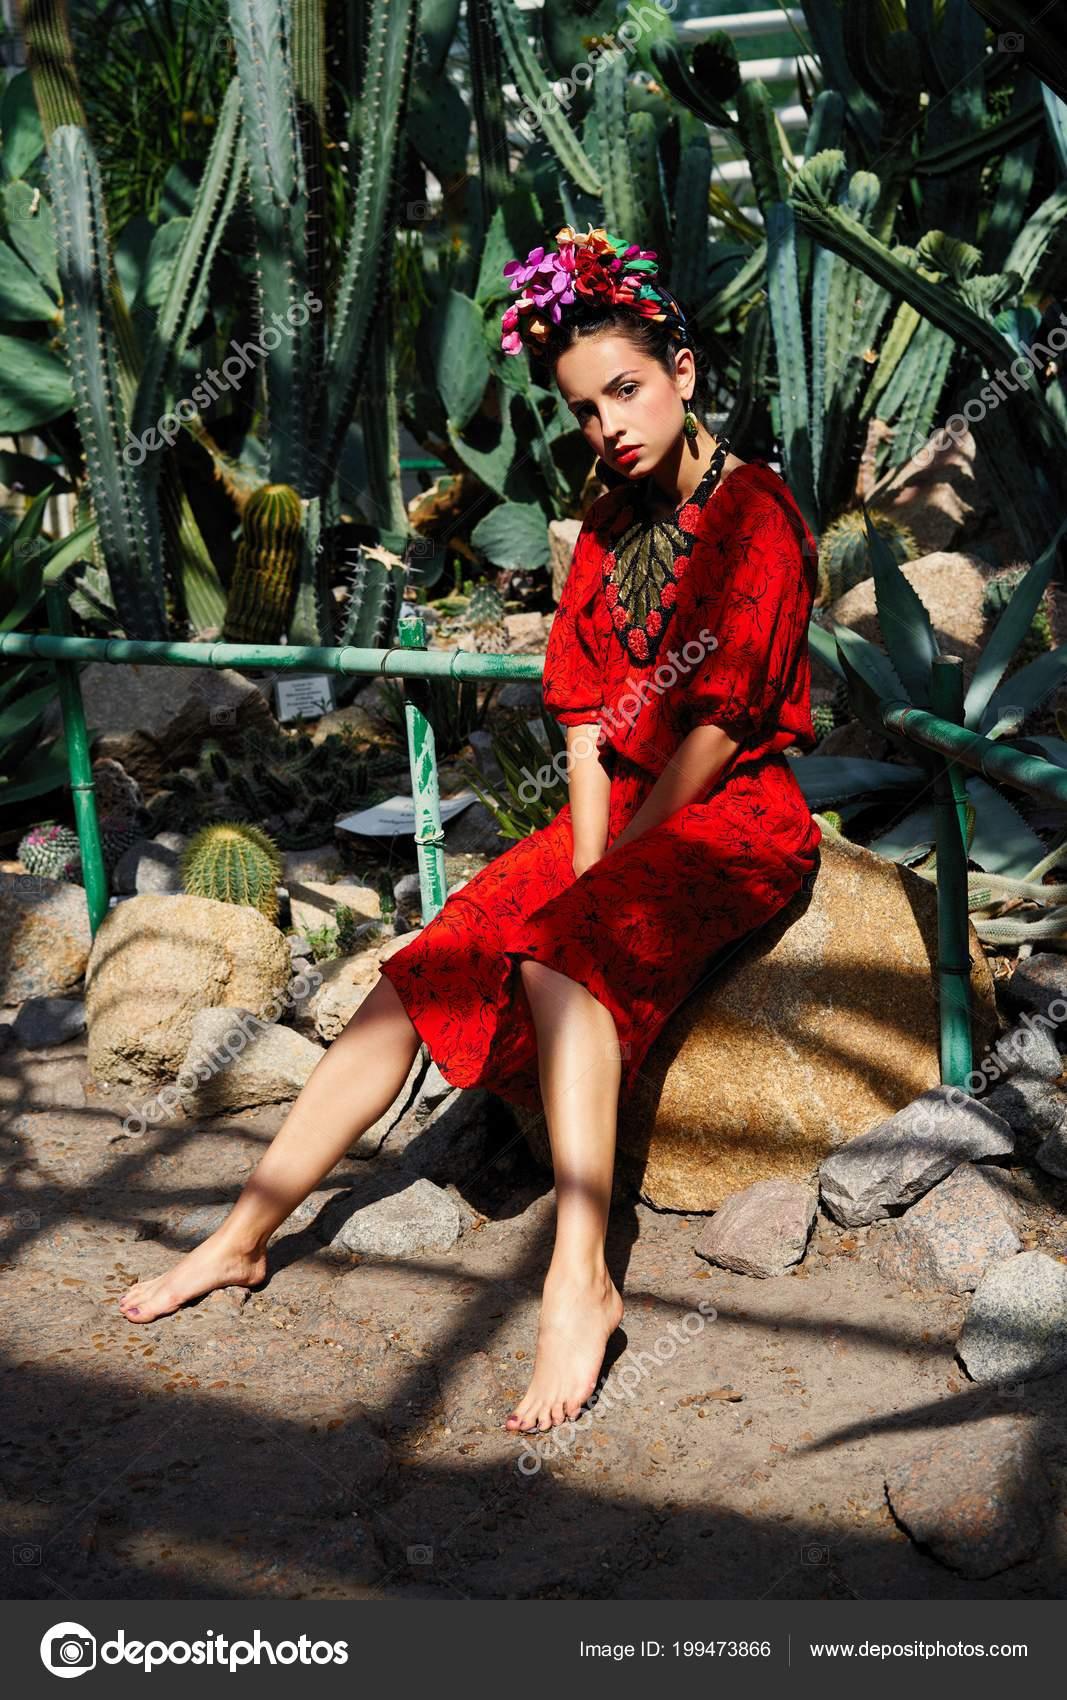 c36531818b4c Bellissima giovane donna in vestito rosso elegante e copricapo floreale–  immagine stock